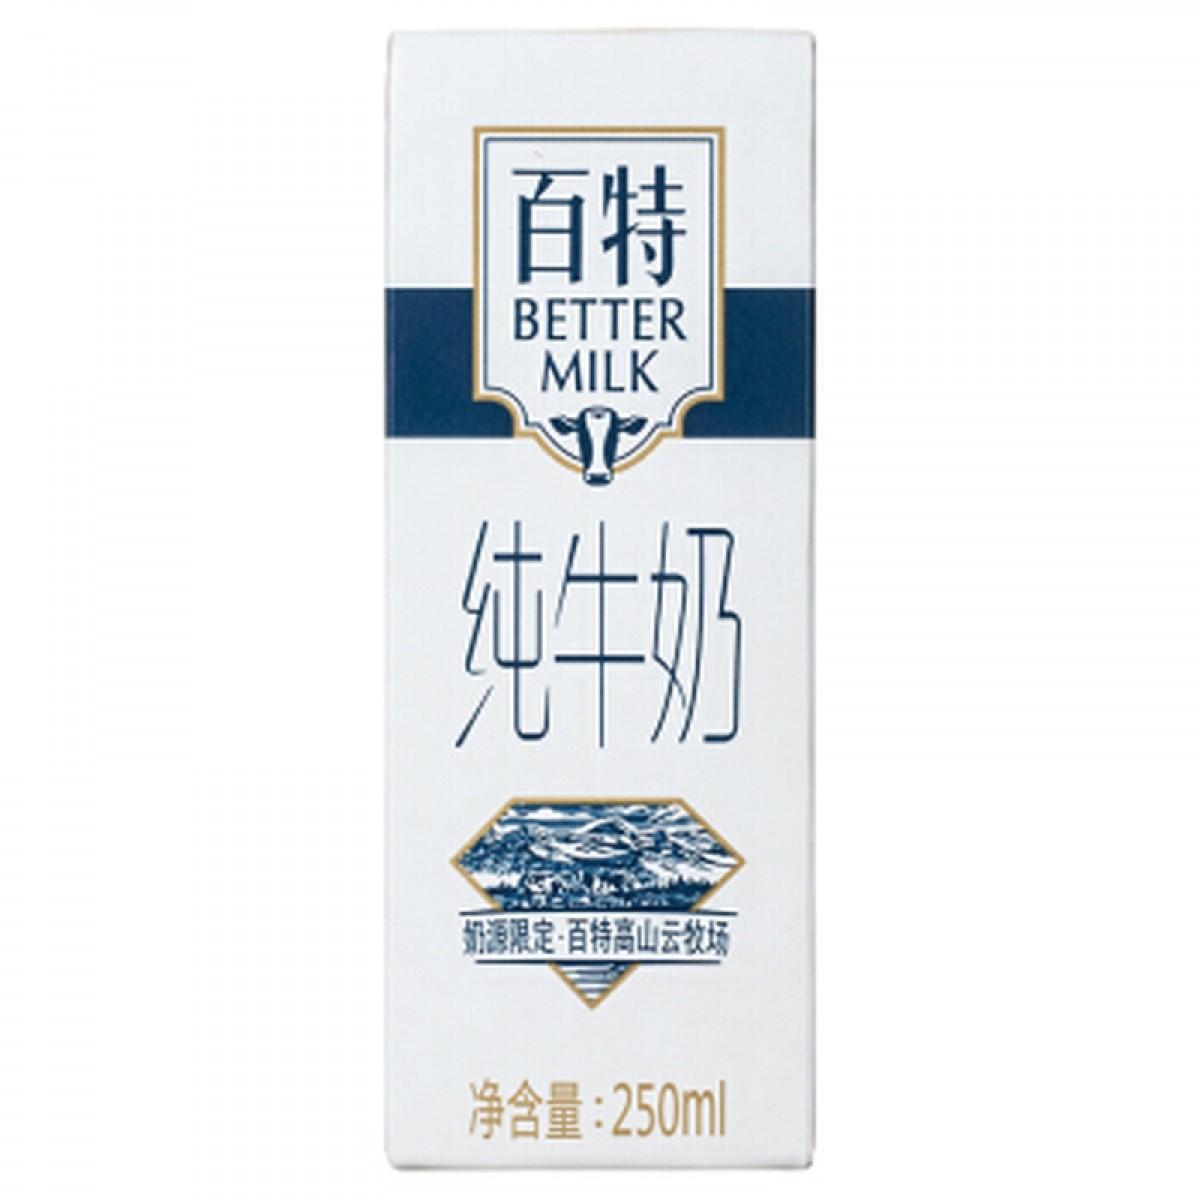 天友 百特纯牛奶250ml*12盒